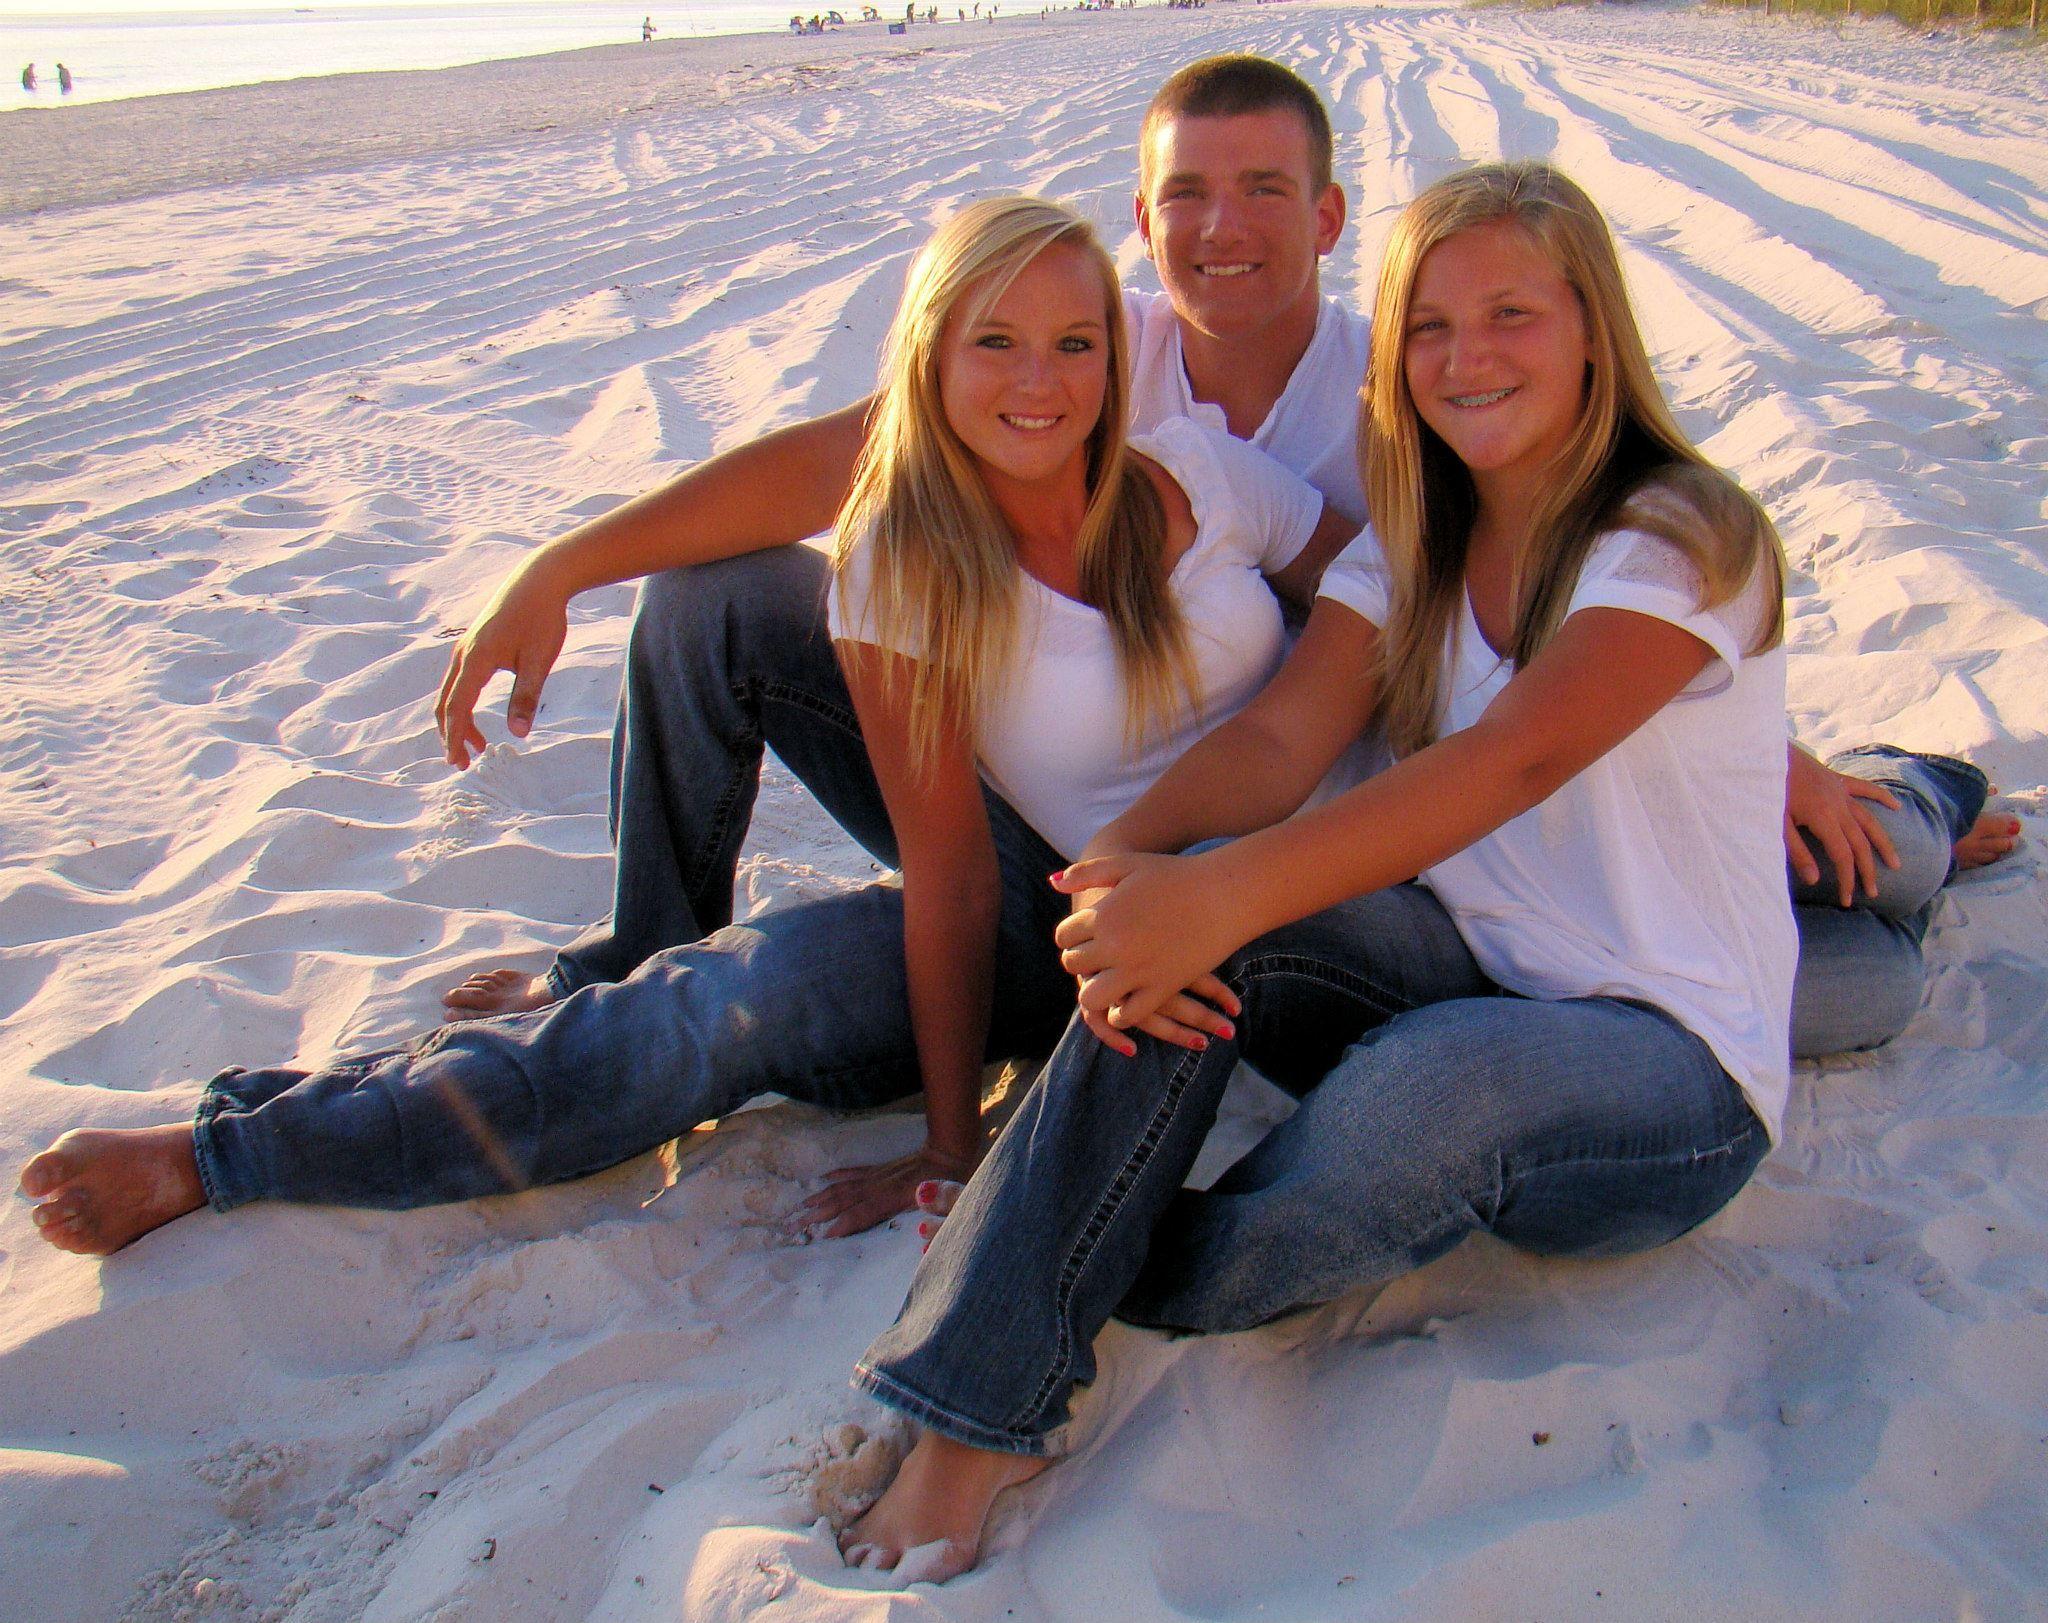 Teen Siblings Family Beach